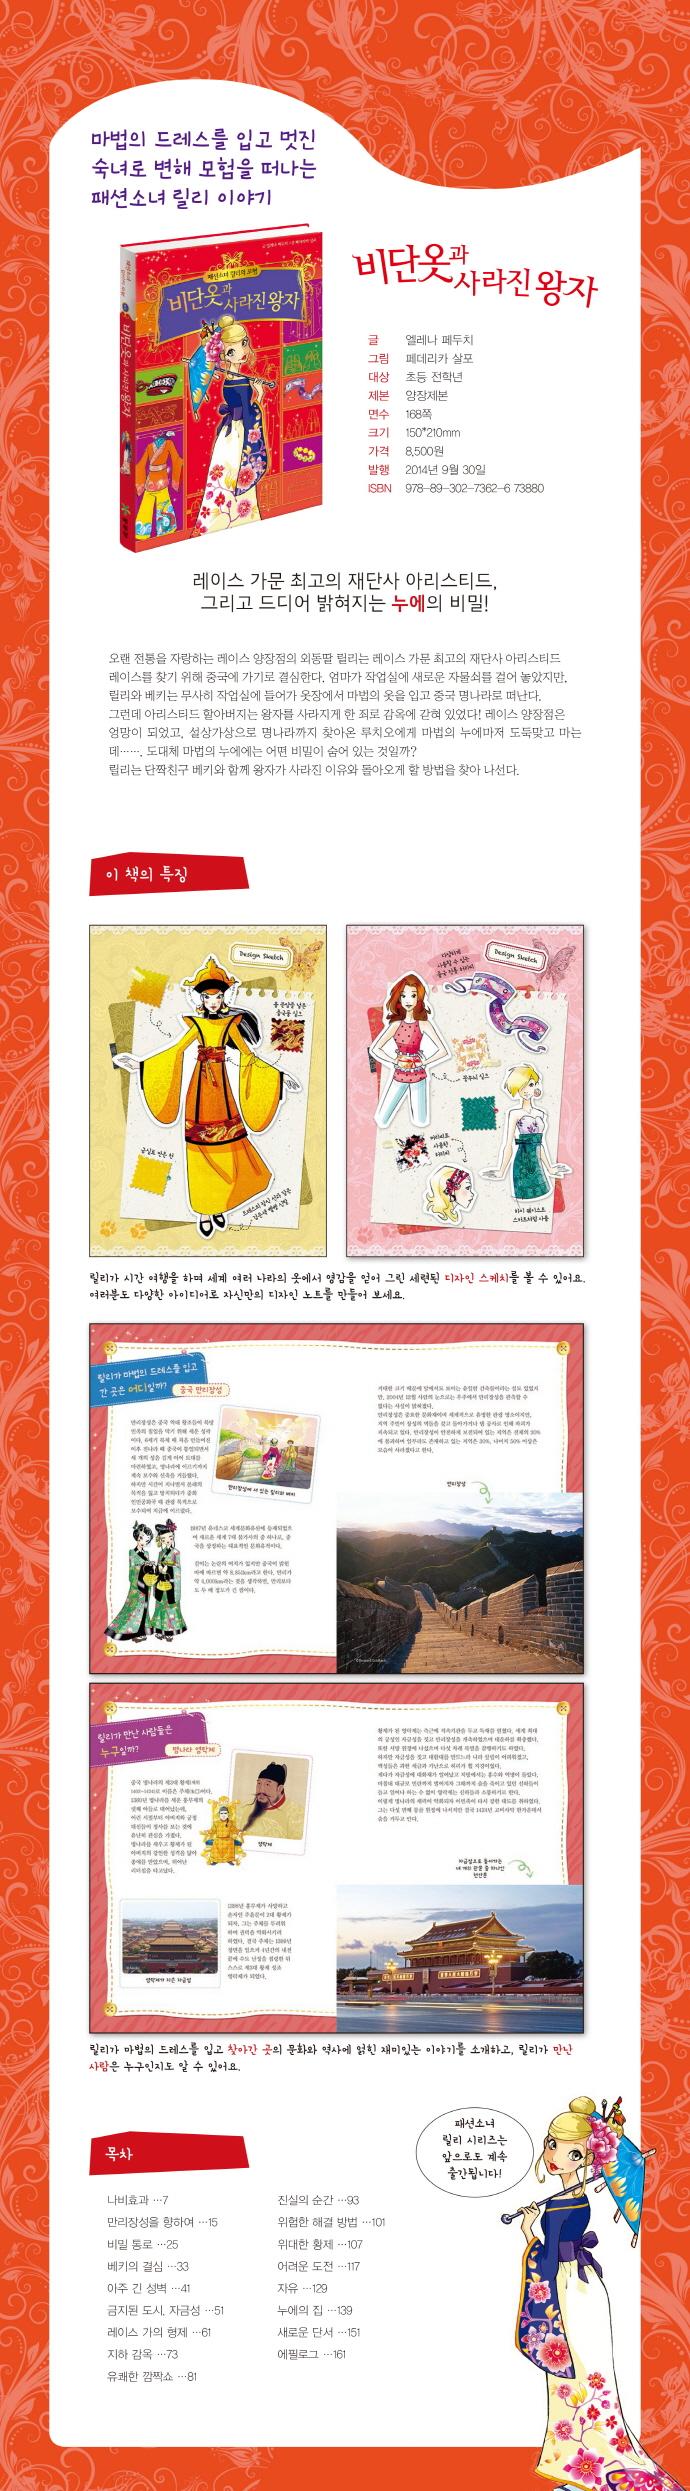 패션소녀 릴리의 모험. 5: 비단옷과 사라진 왕자(양장본 HardCover) 도서 상세이미지